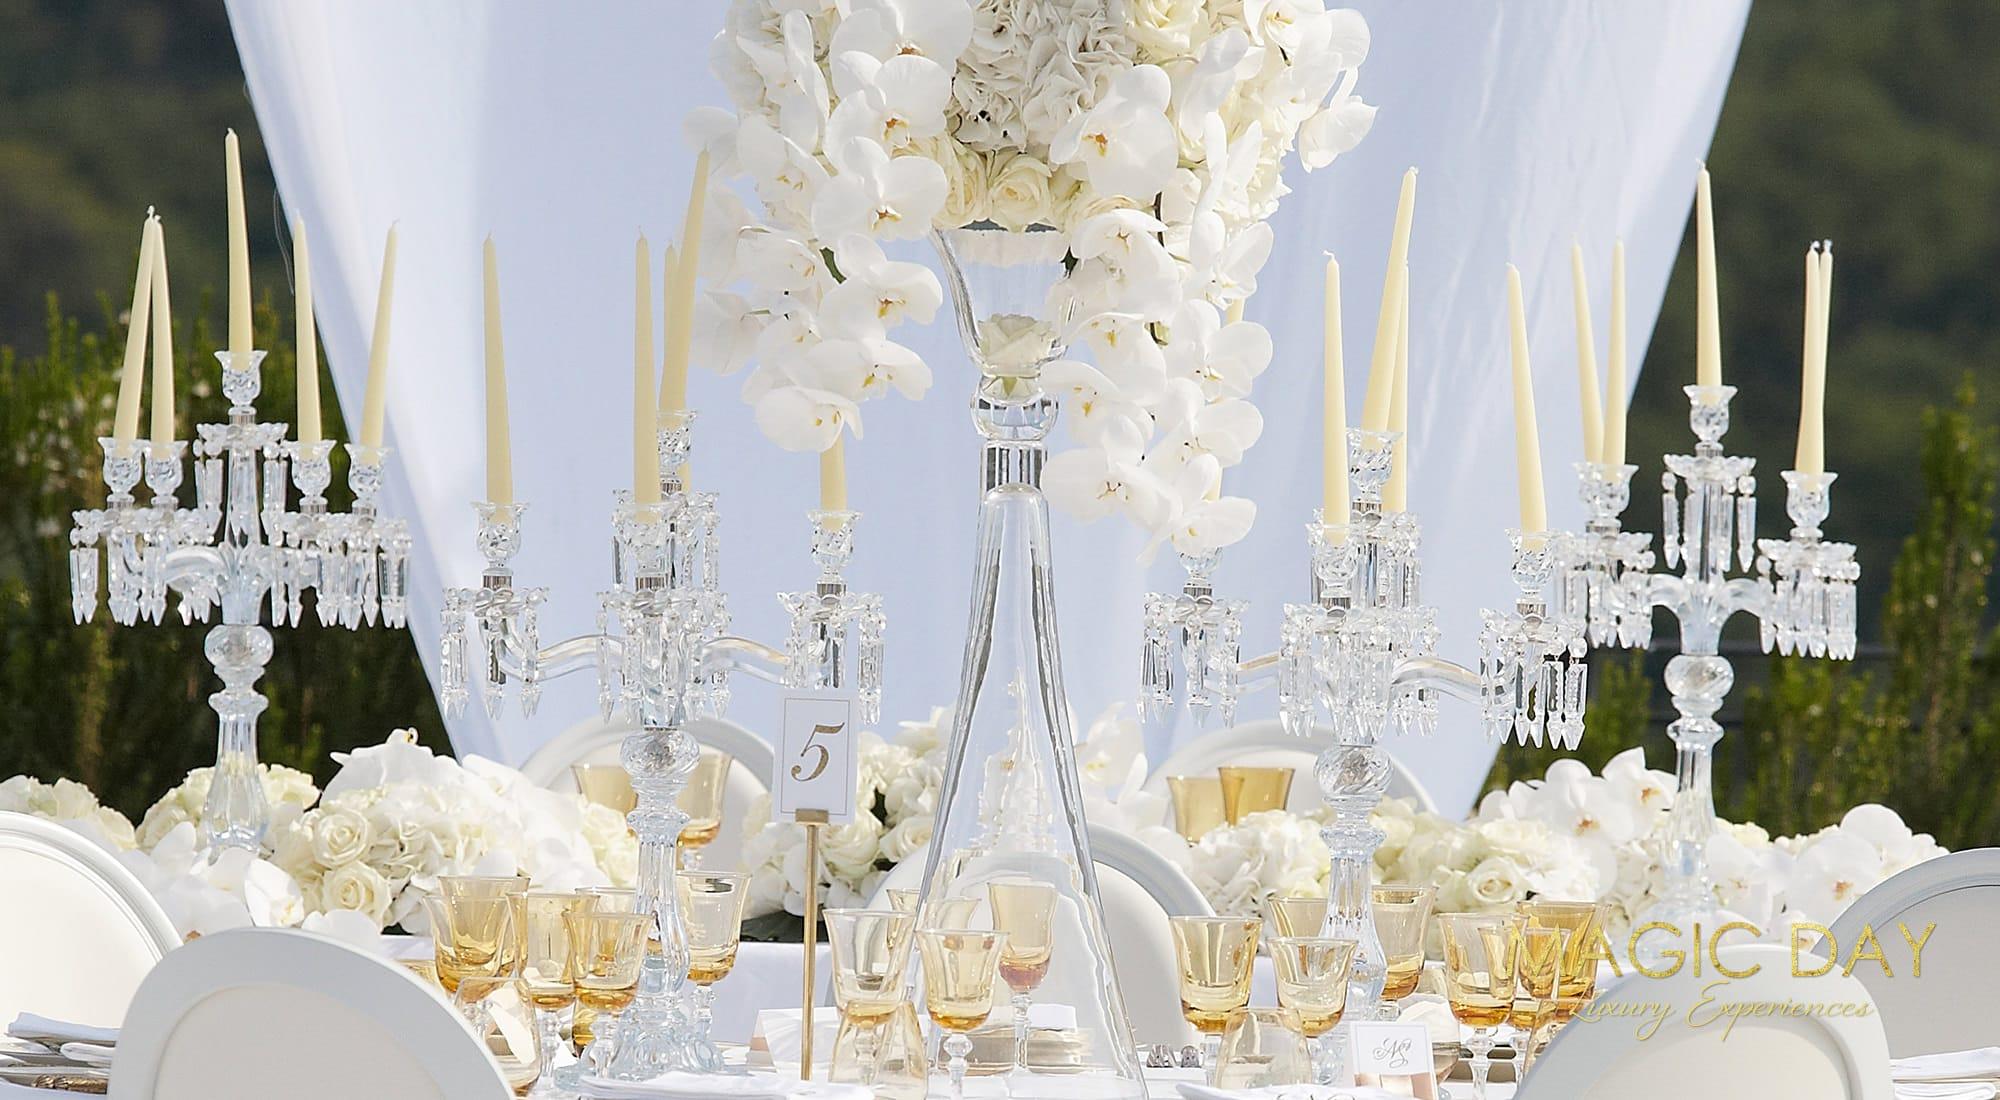 Cote d'Azur wedding planner